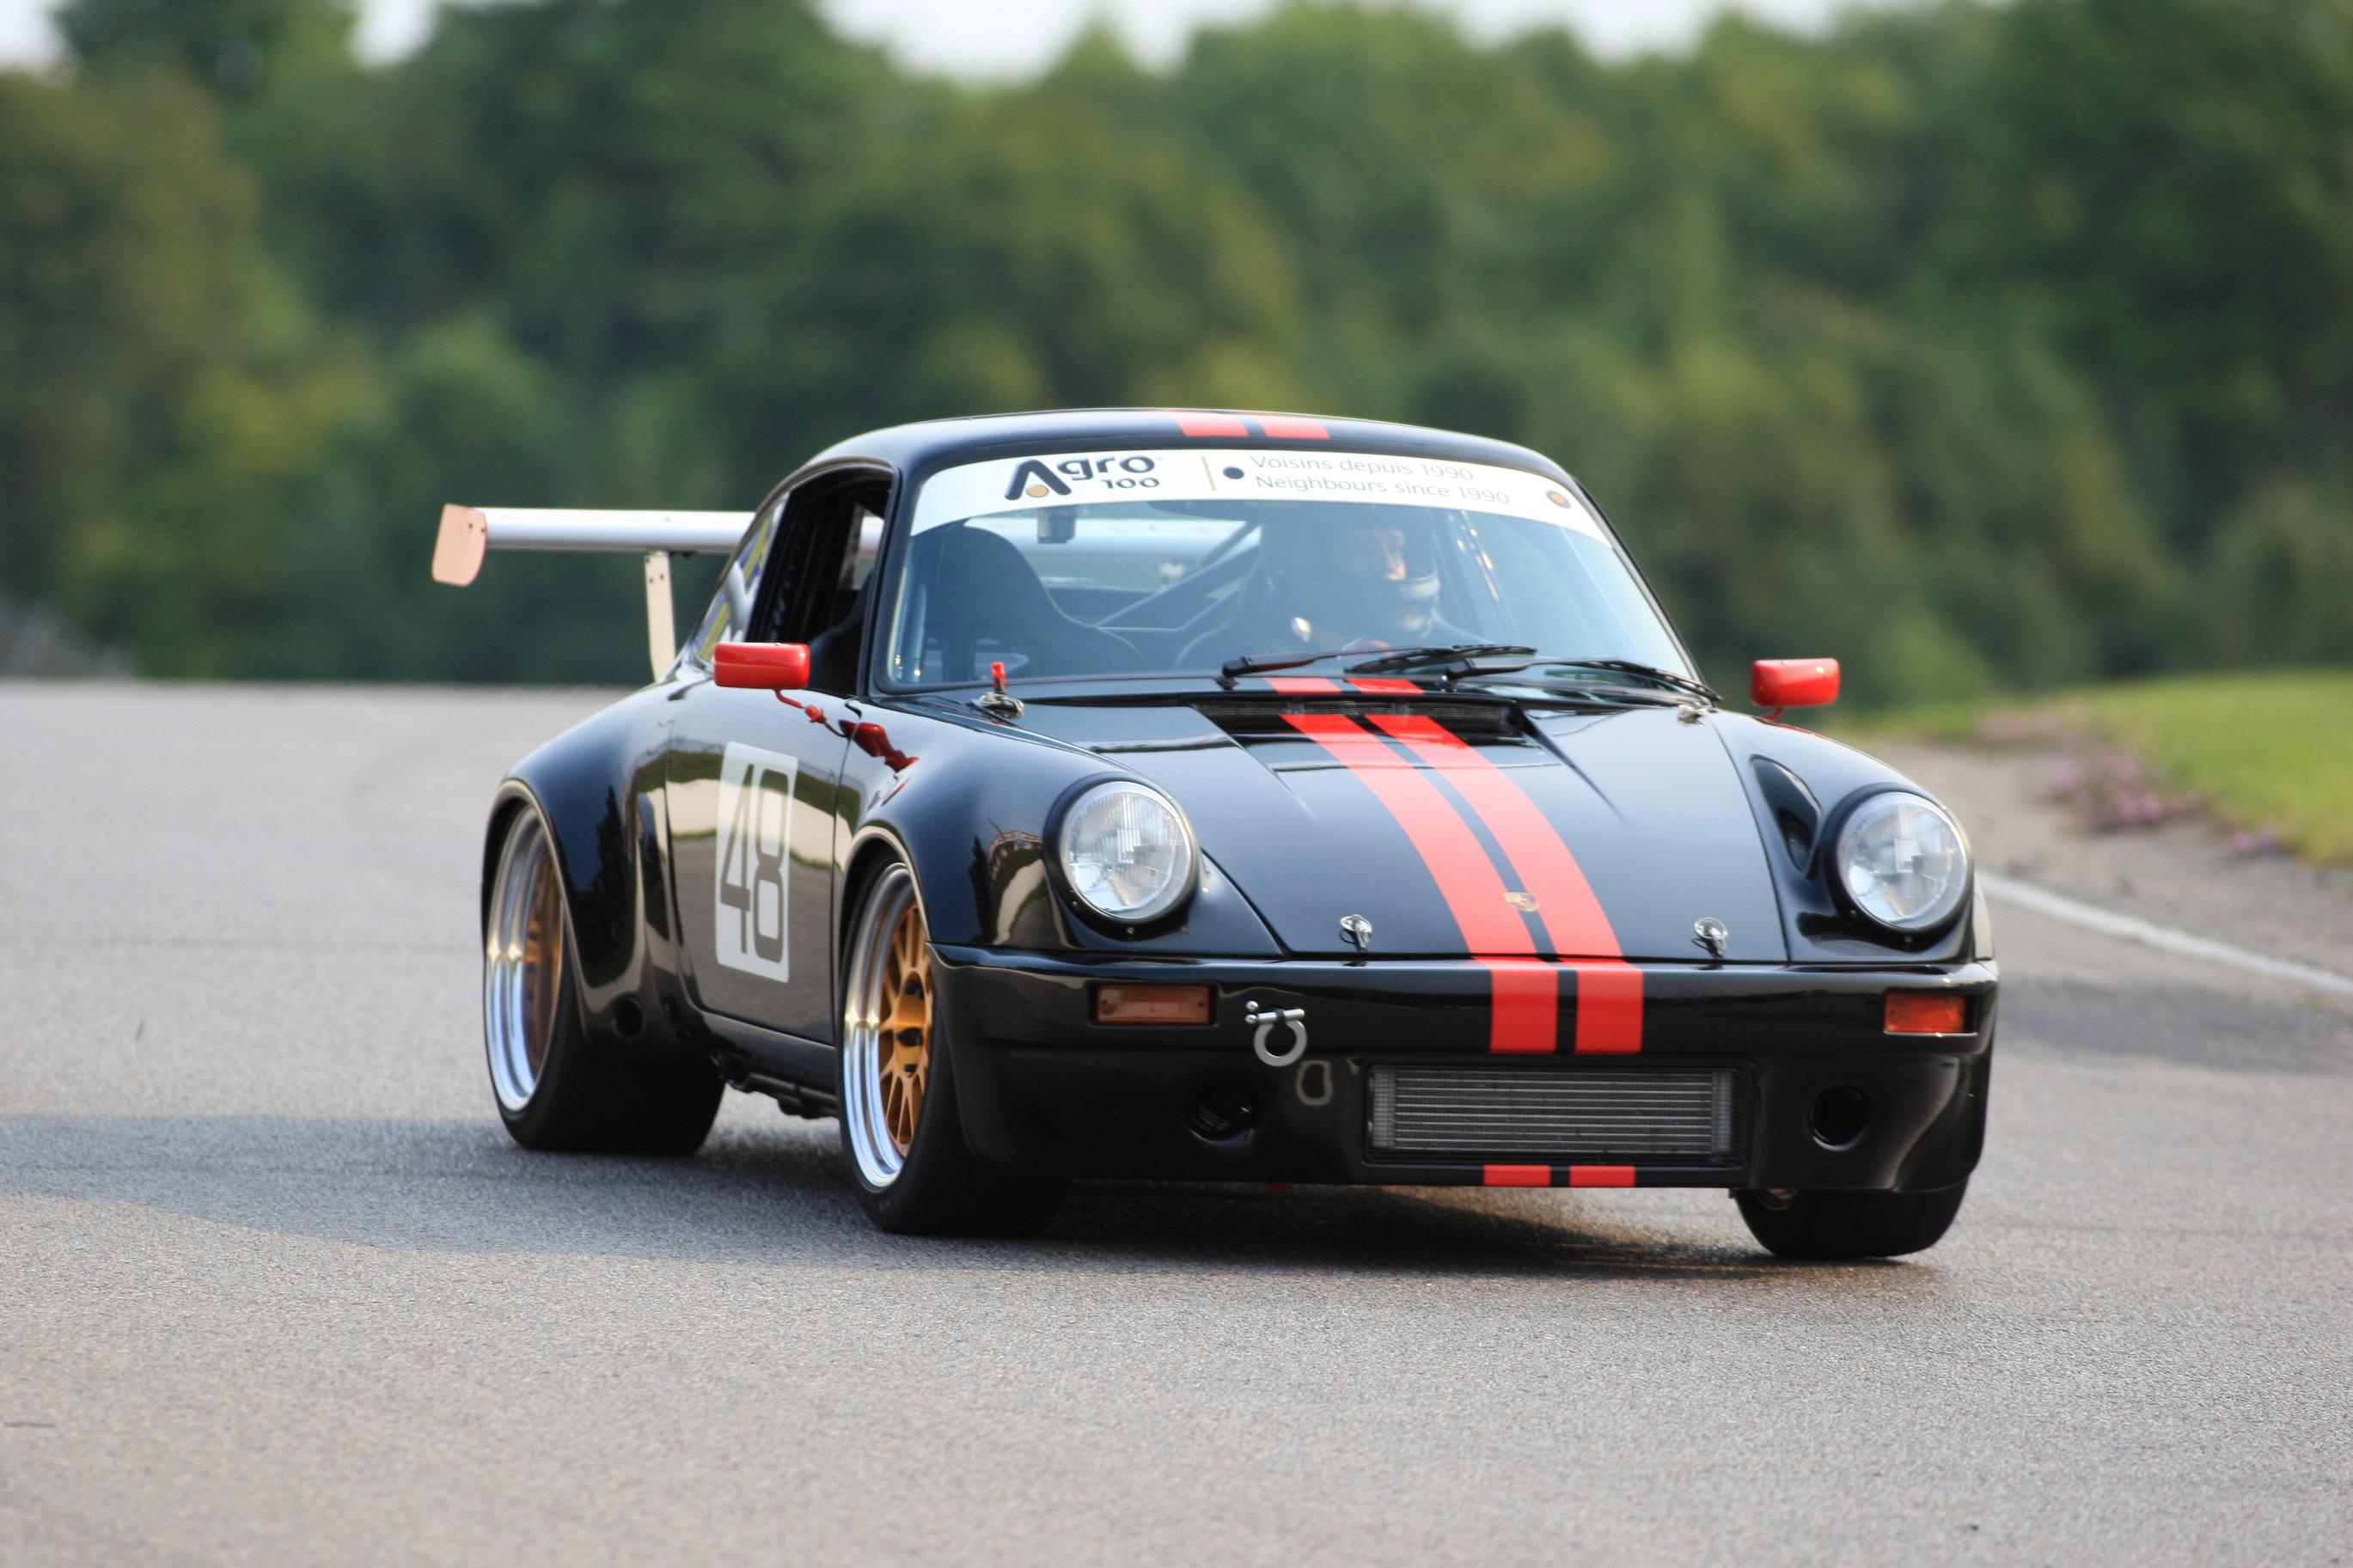 Porsche 911 Race Car For Sale In Terrebonne 79000